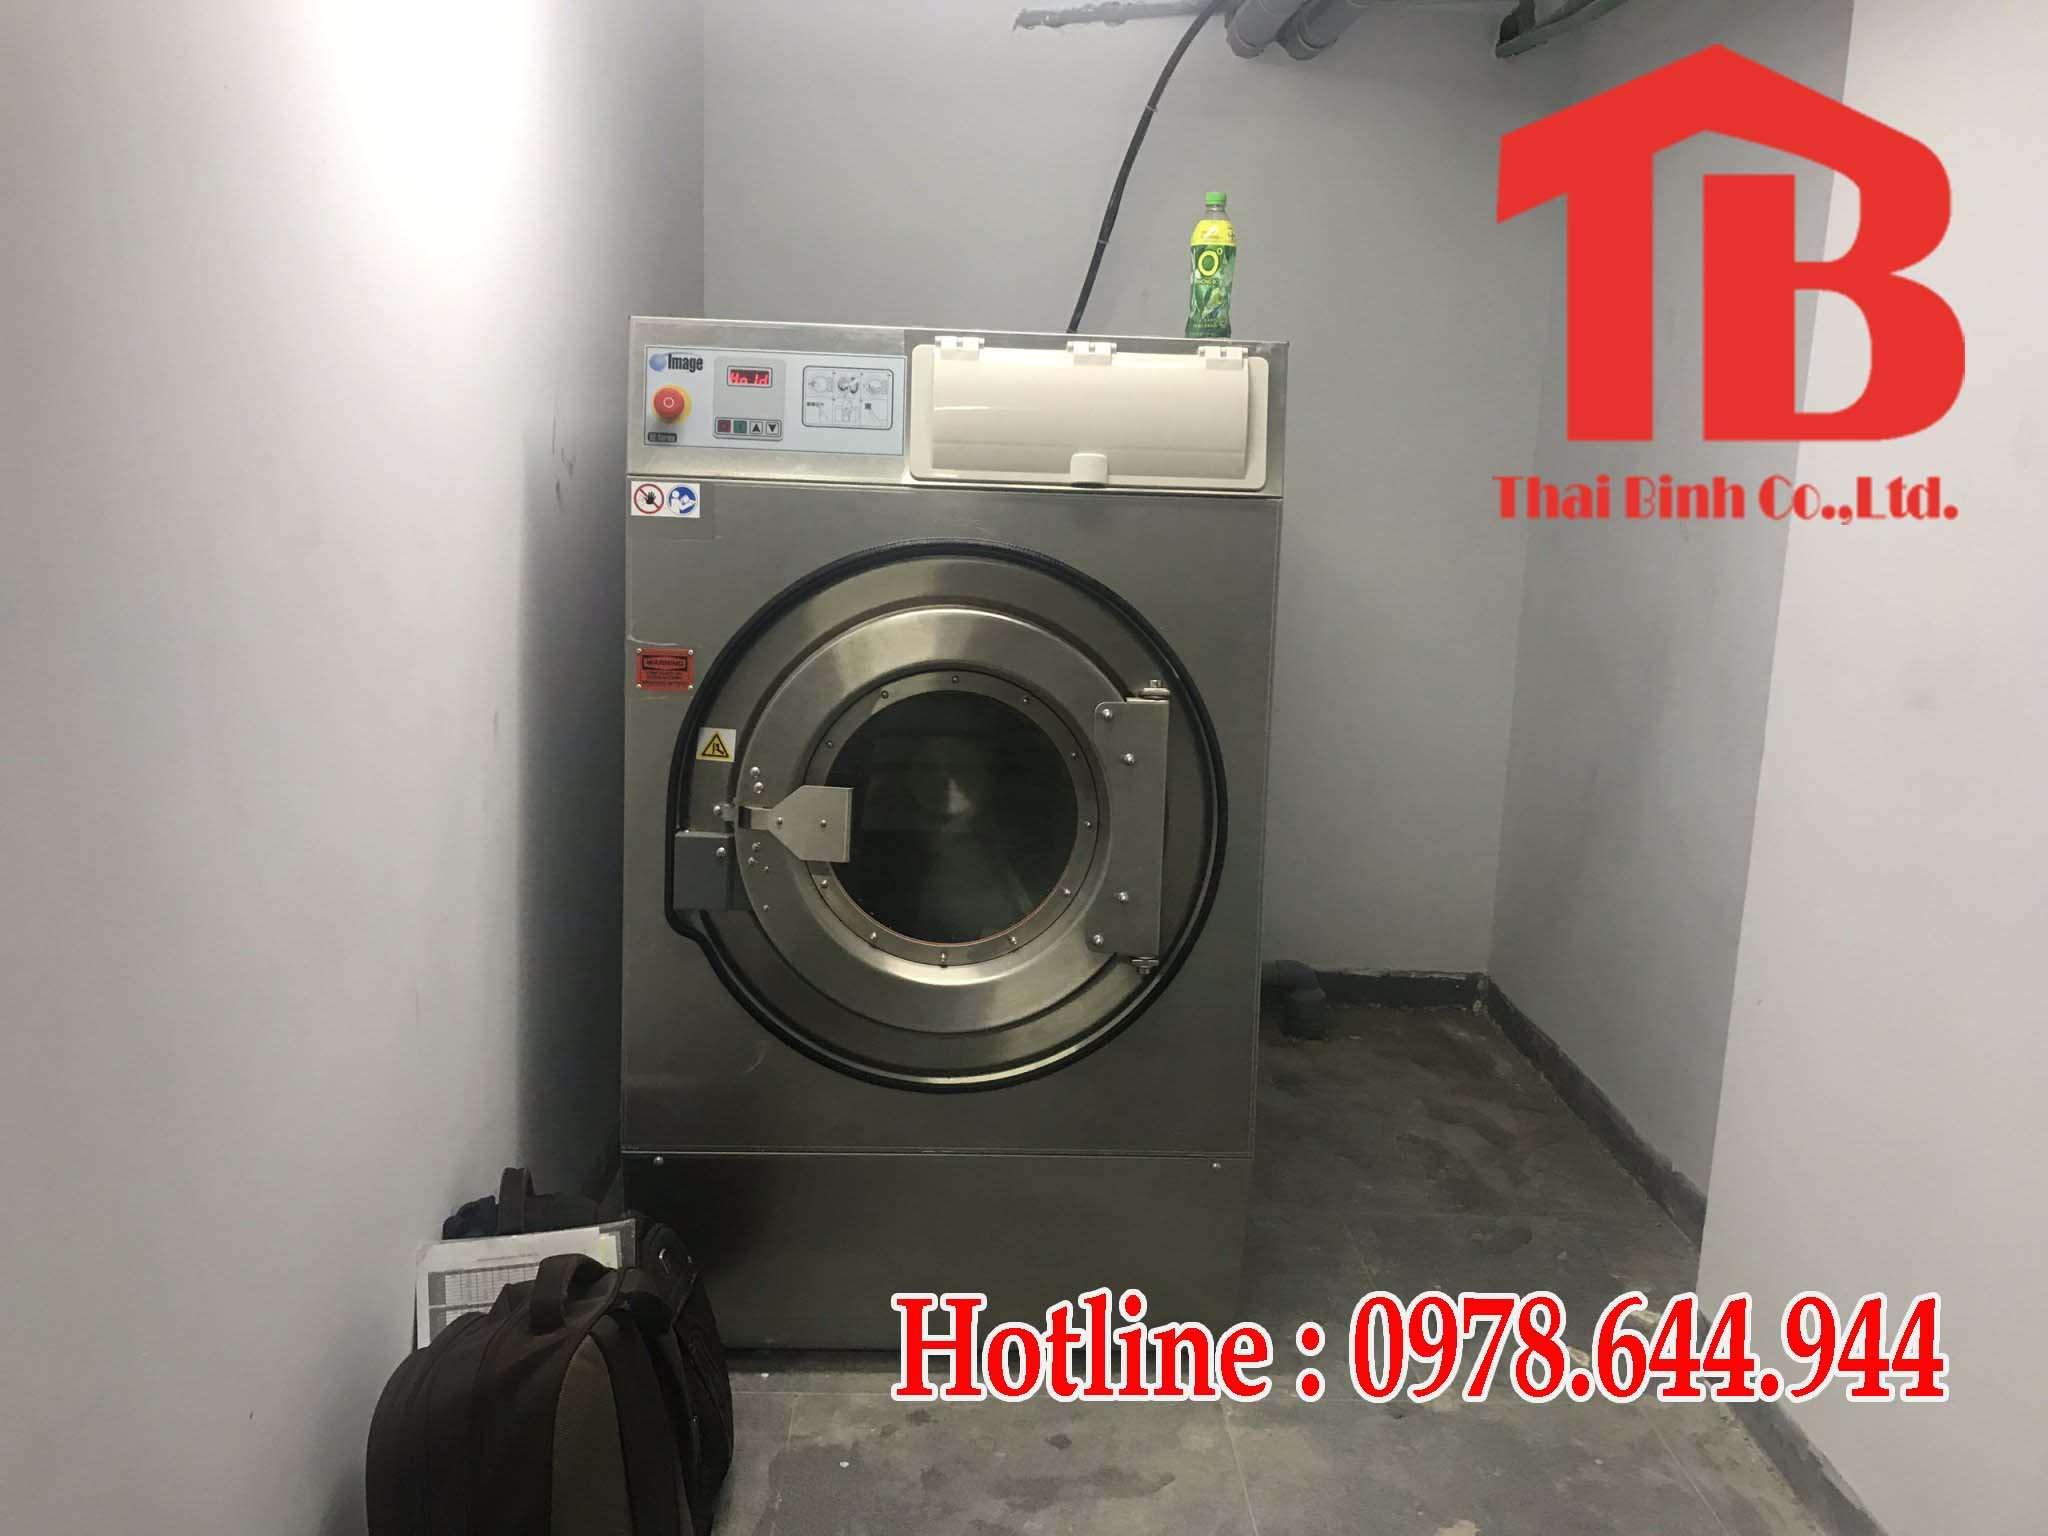 Dự án lắp đặt hệ thống giặt là cho khách sạn FLC Quy Nhơn